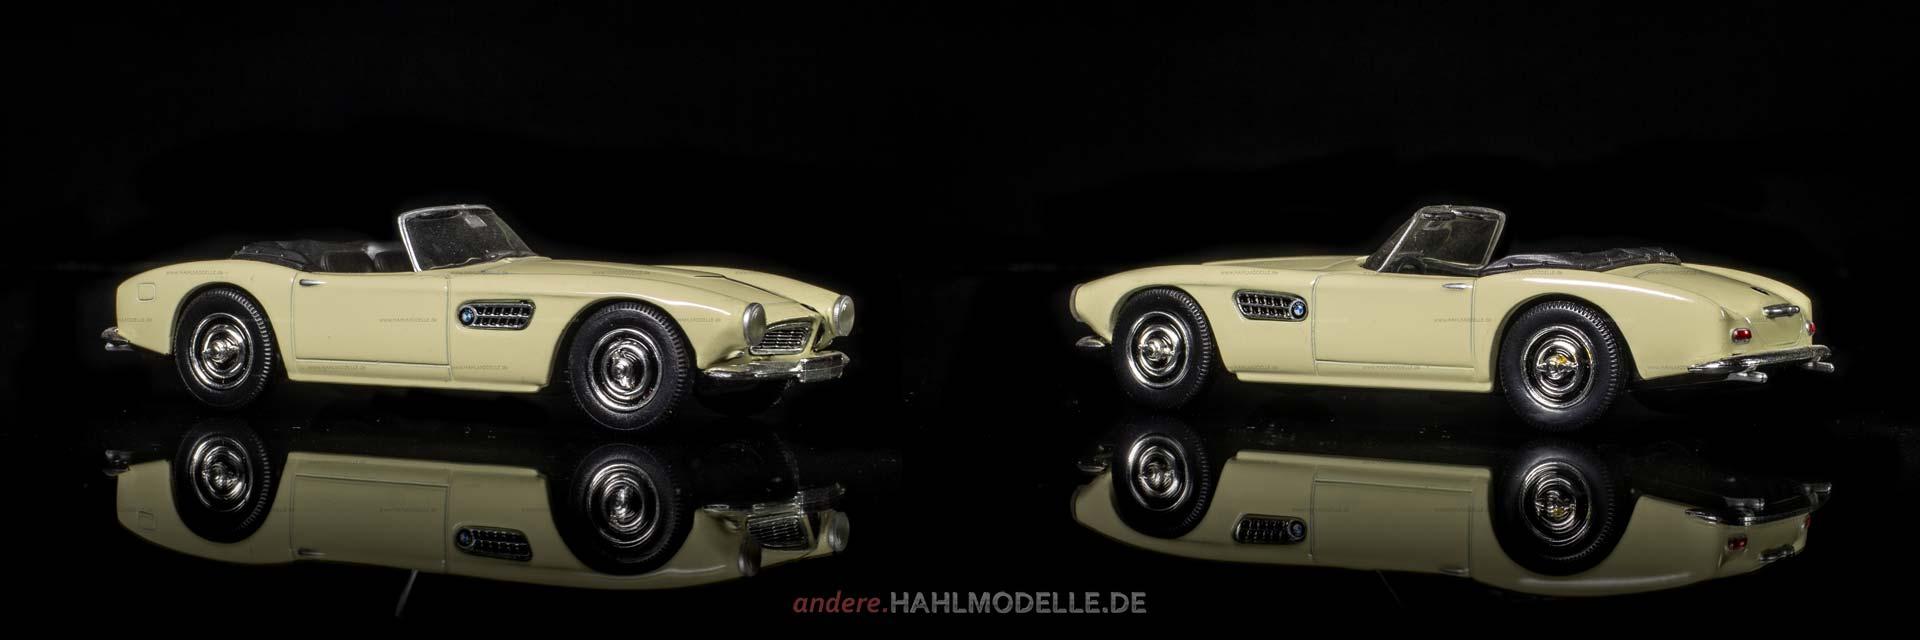 BMW 507 | Cabriolet | Ixo | www.andere.hahlmodelle.de